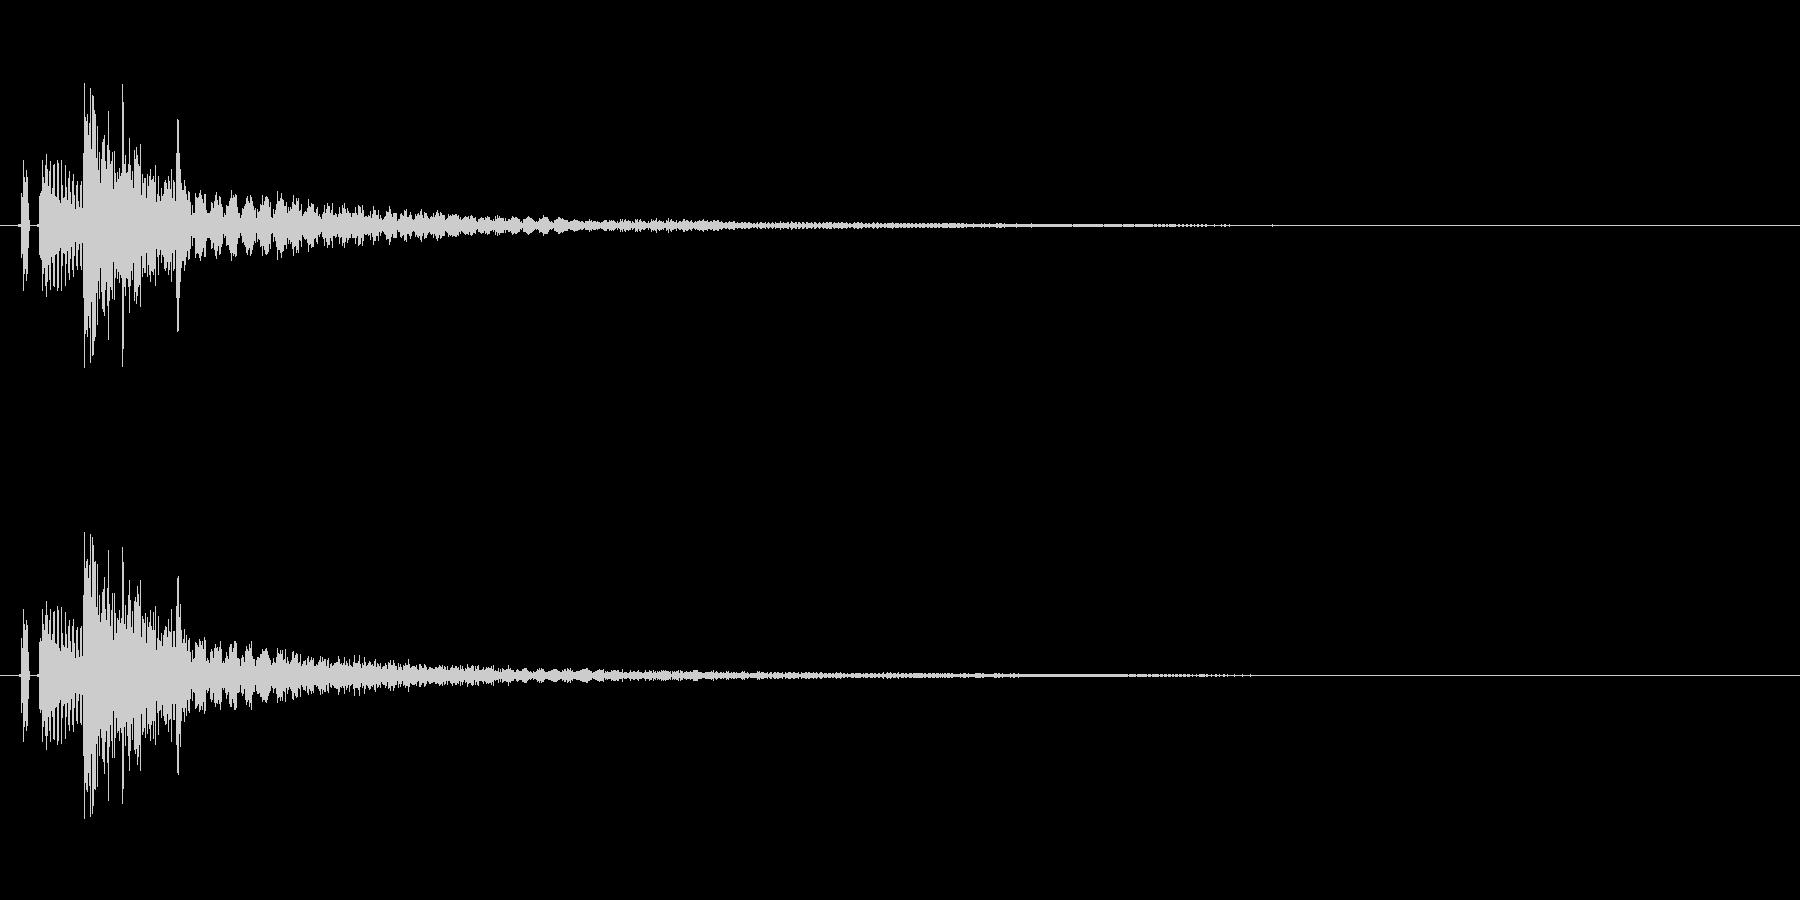 タッチ決定クリック、ボタン音に最適01!の未再生の波形